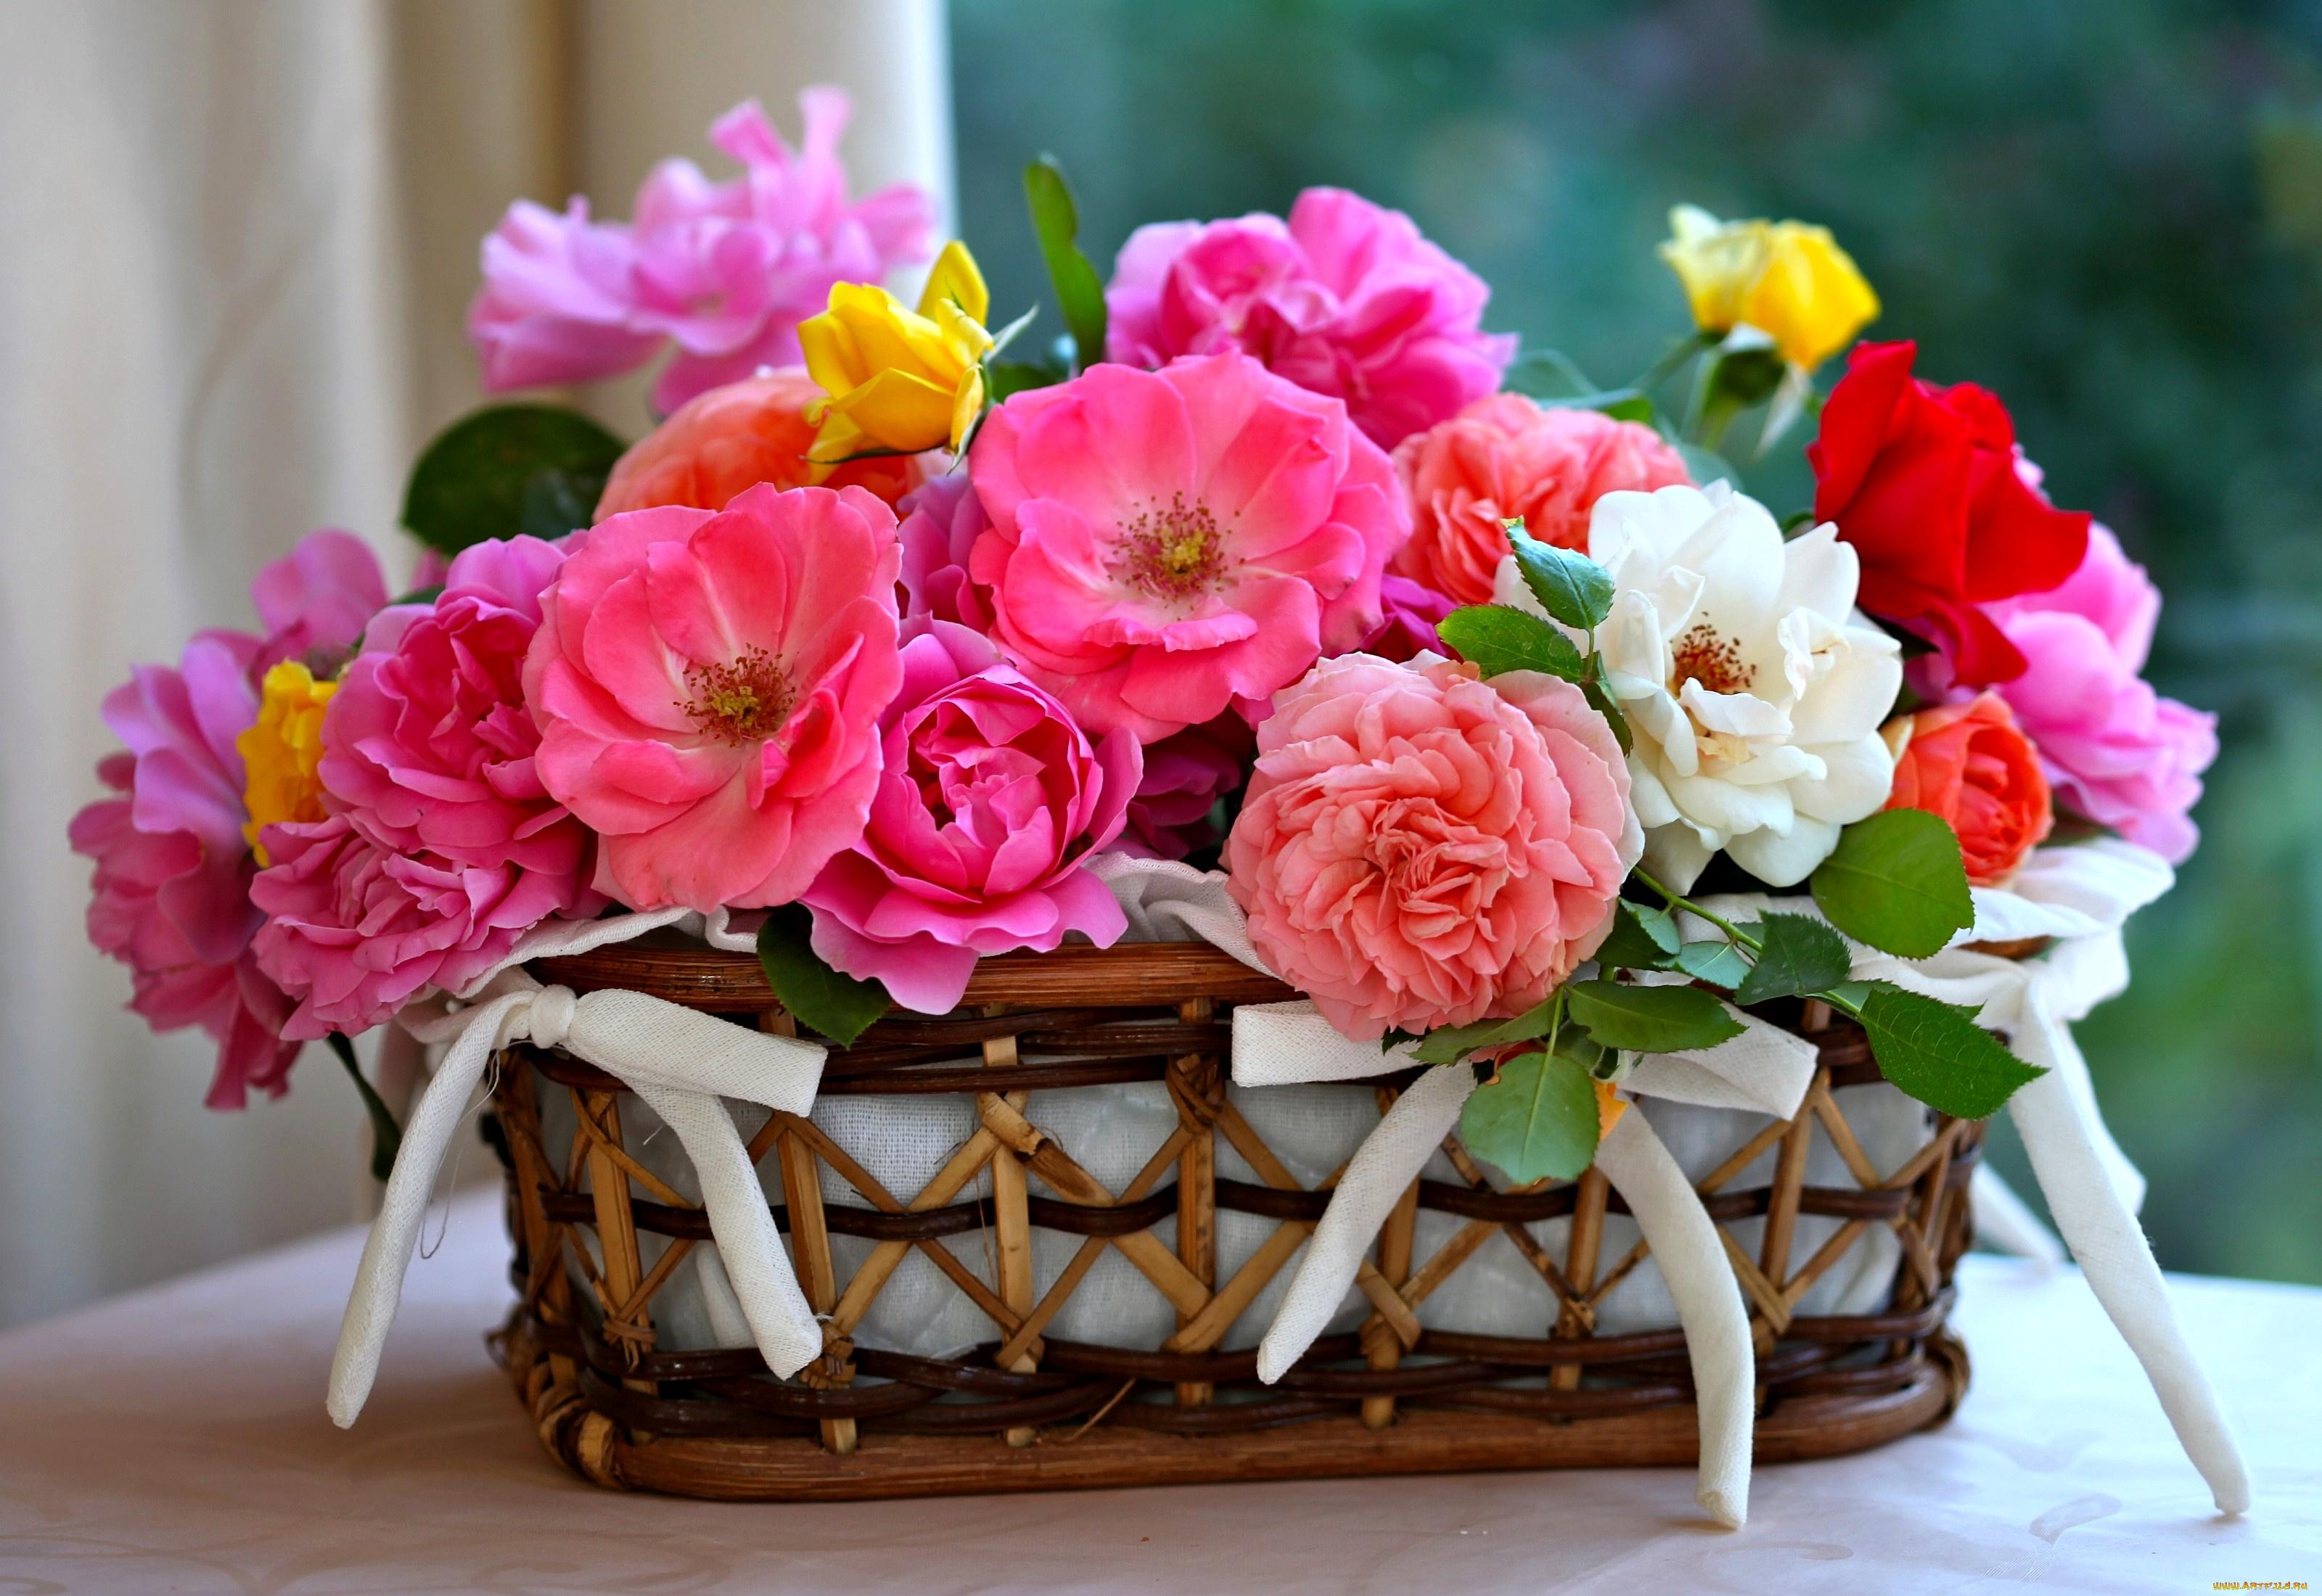 Материал, подарить открытку с днем рождения цветы женщине